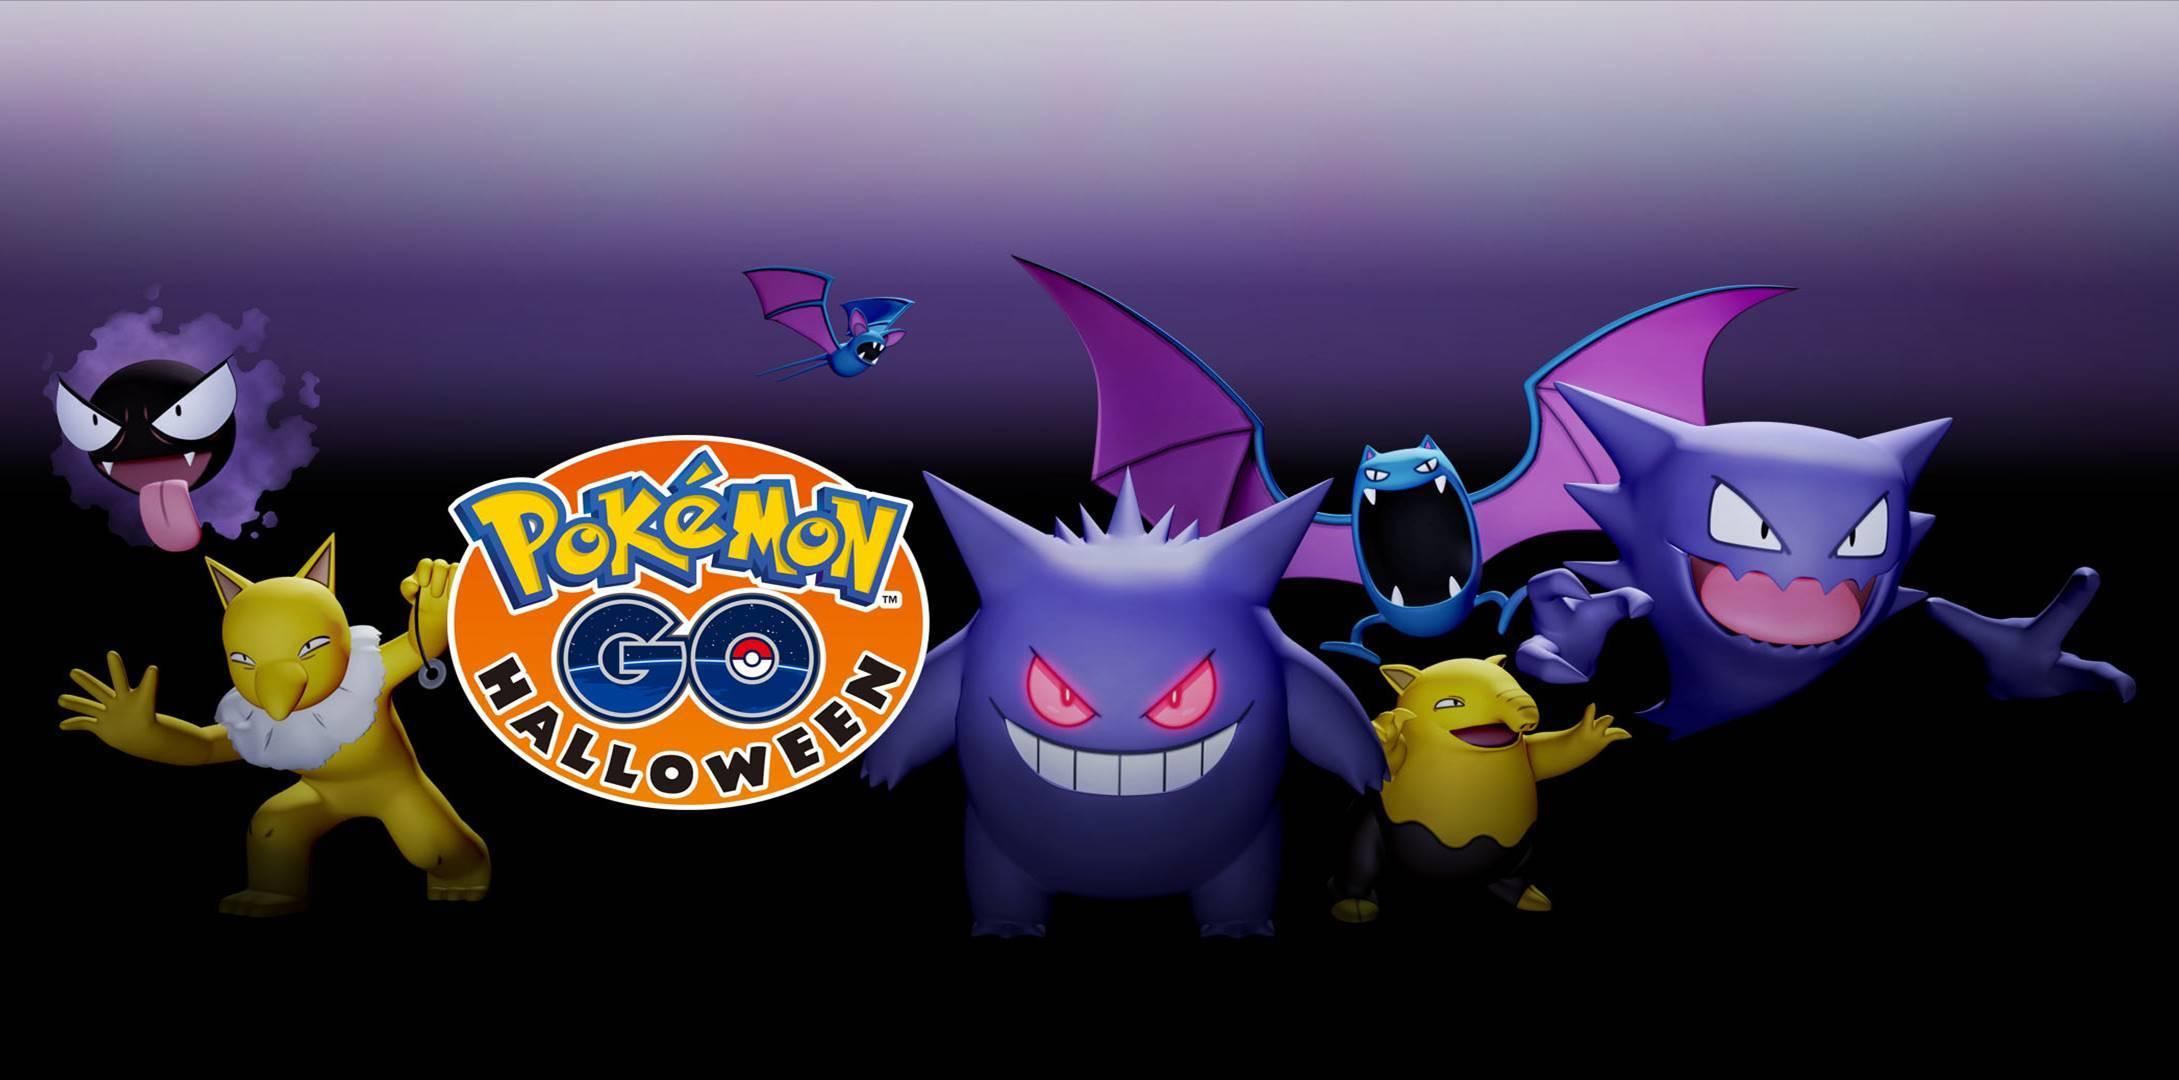 トリック・オア・トリート! 『pokémon go』でハロウィンを楽しもう